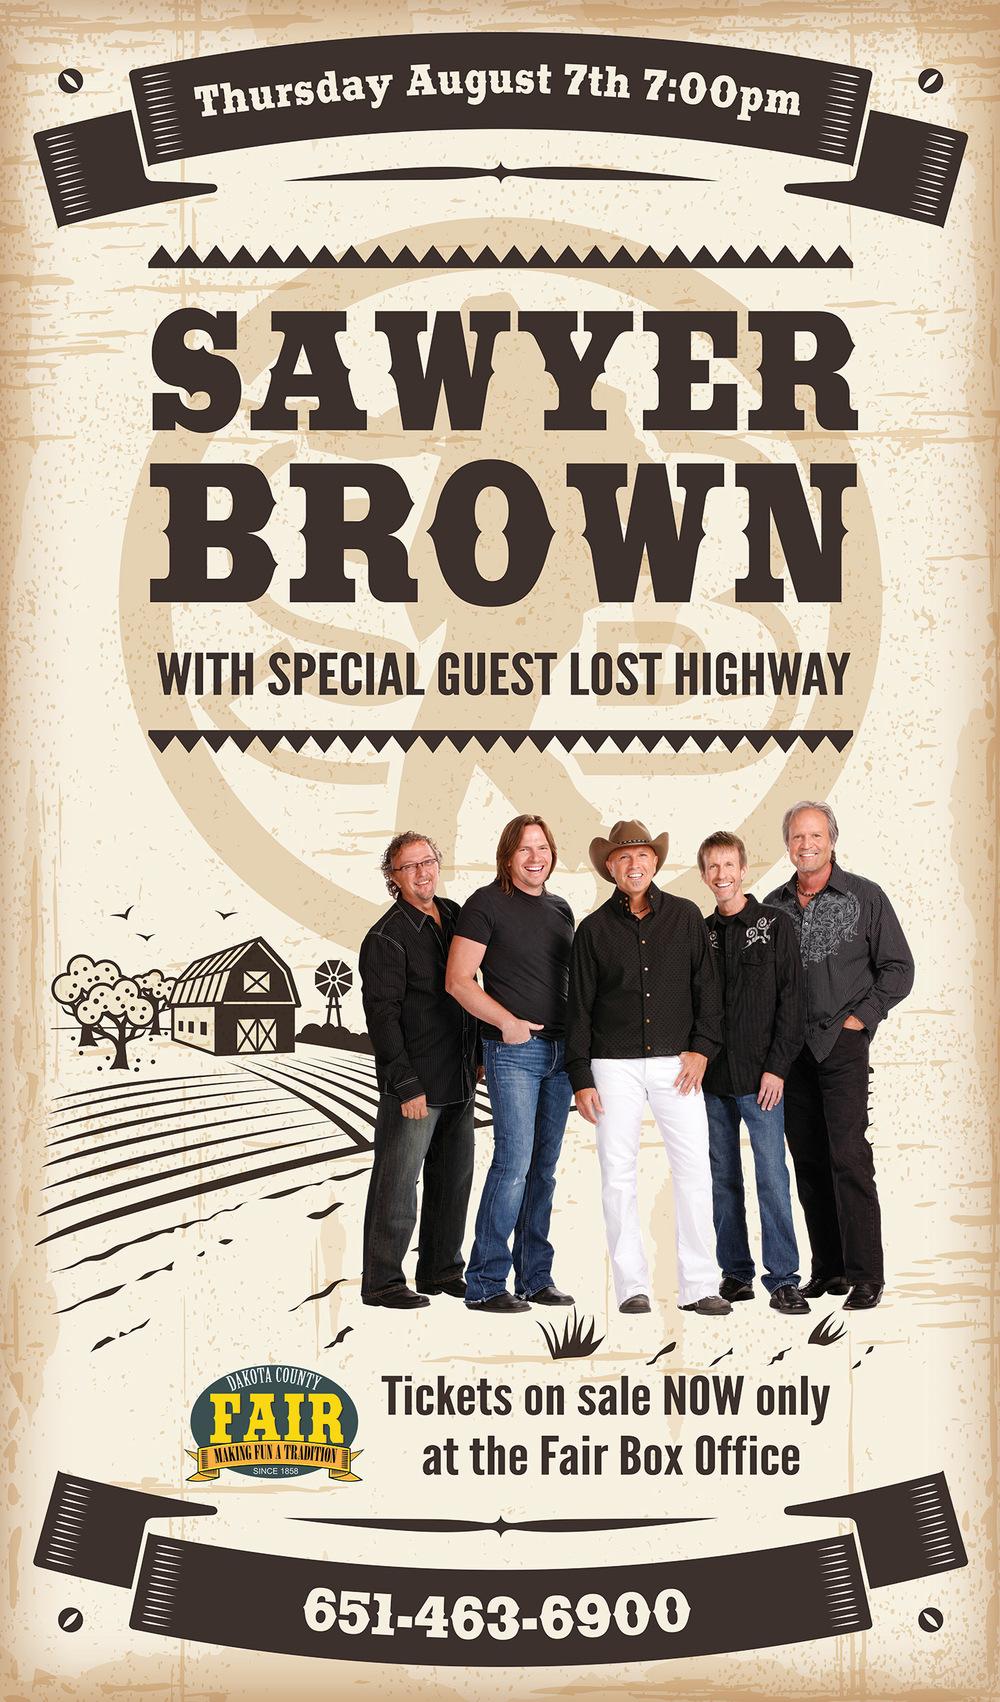 Concert materials: Sawyer Brown-2014 Dakota County Fair